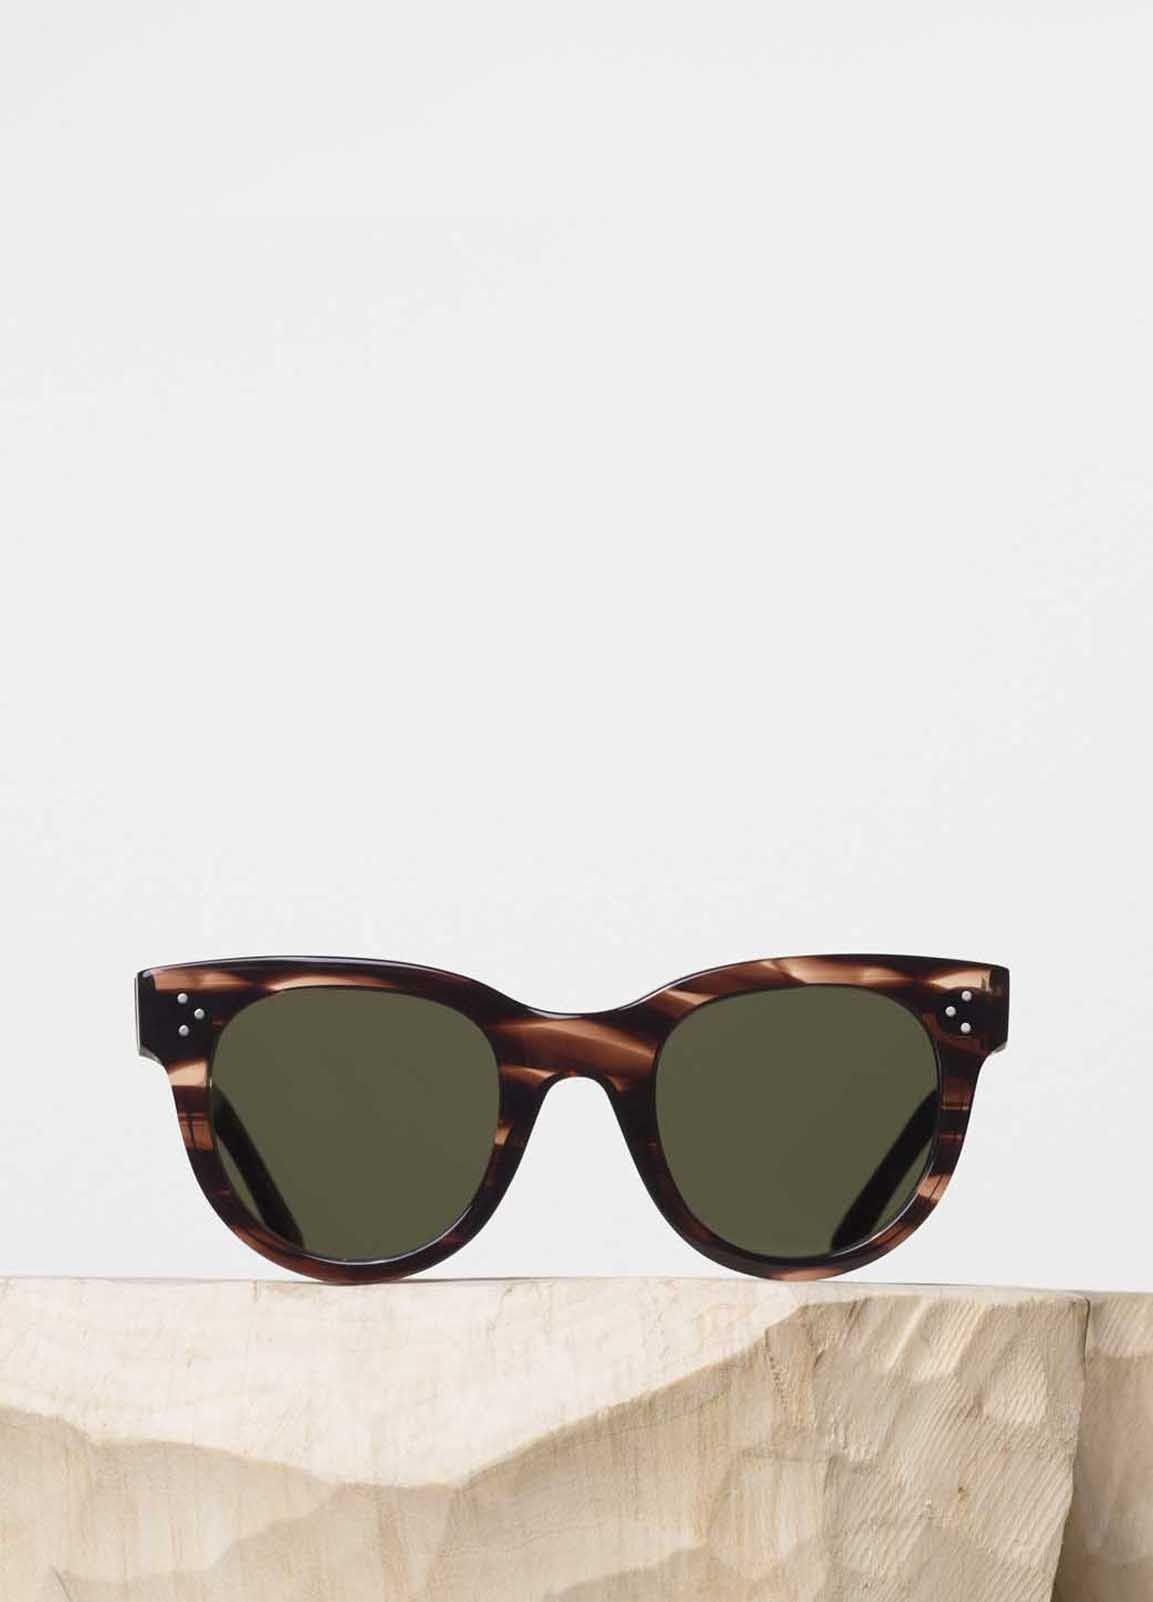 89d7d2ad2 Baby Audrey Sunglasses in Acetate - Céline   Wish List   Sunglasses ...